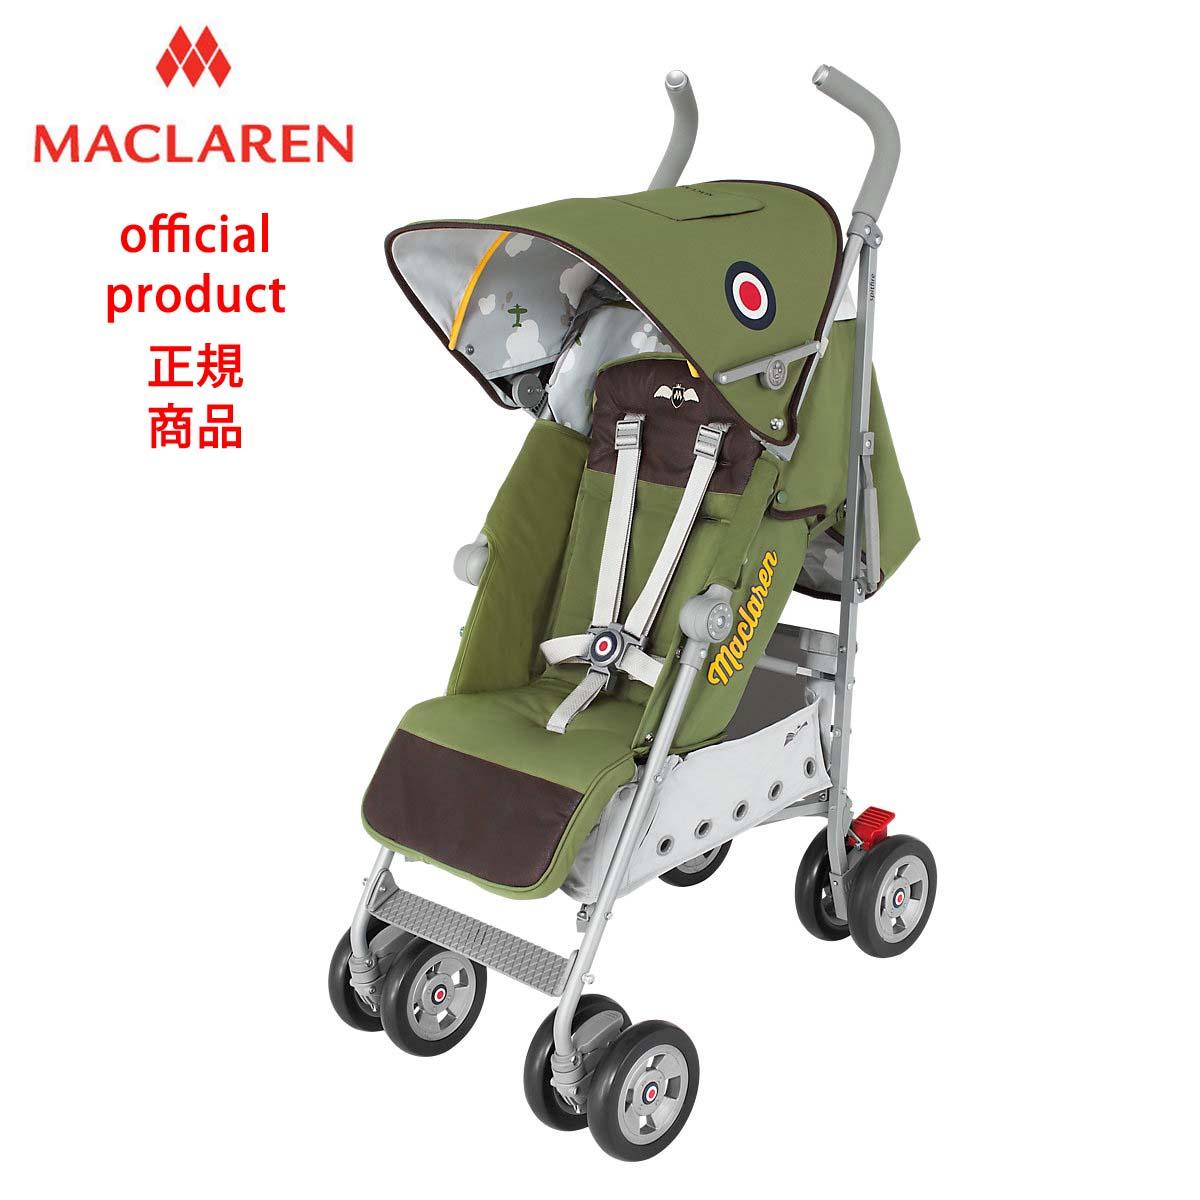 【正規販売店】【修理センター直営】マクラーレン テクノXT Maclaren TechnoXT _ スピットファイアバギーSpitfire buggy ベビーカー バギー ストローラー